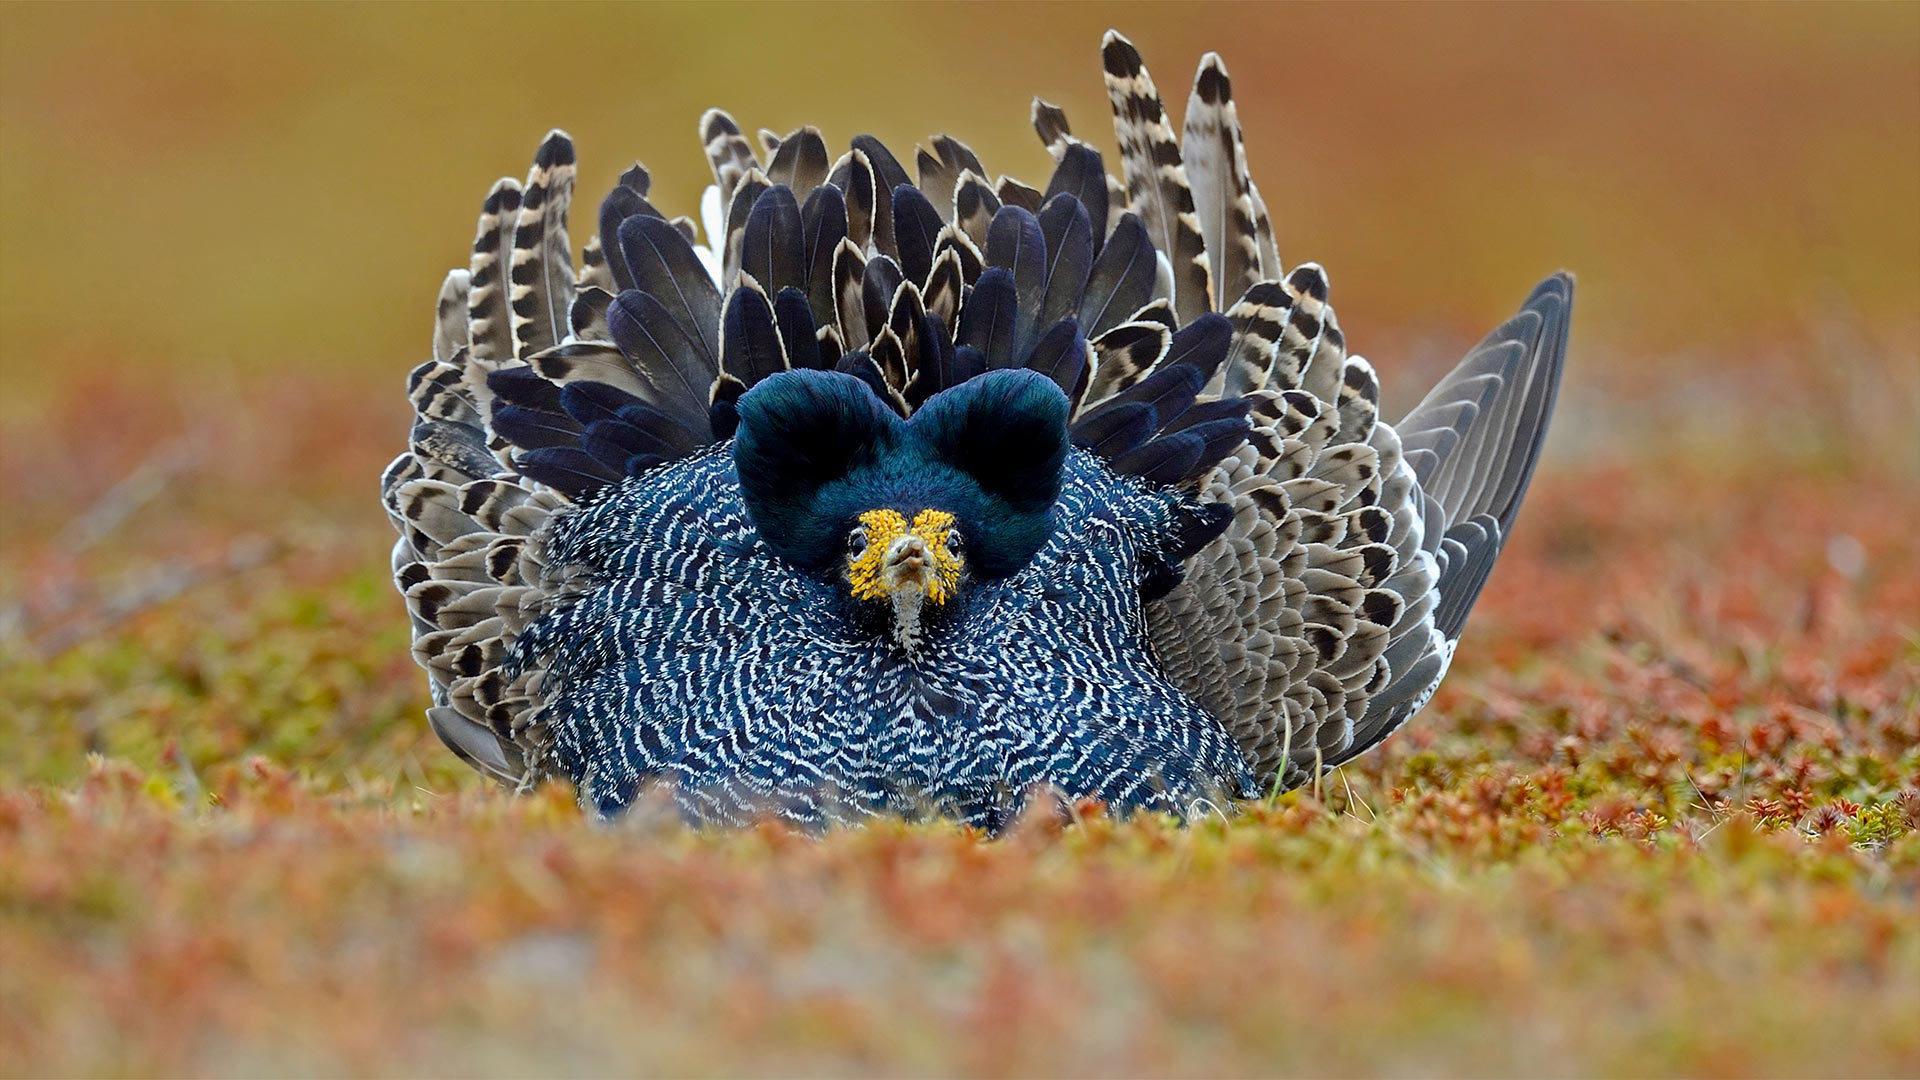 挪威瓦朗厄尔半岛上一只展示翎颌的雄性涉禽